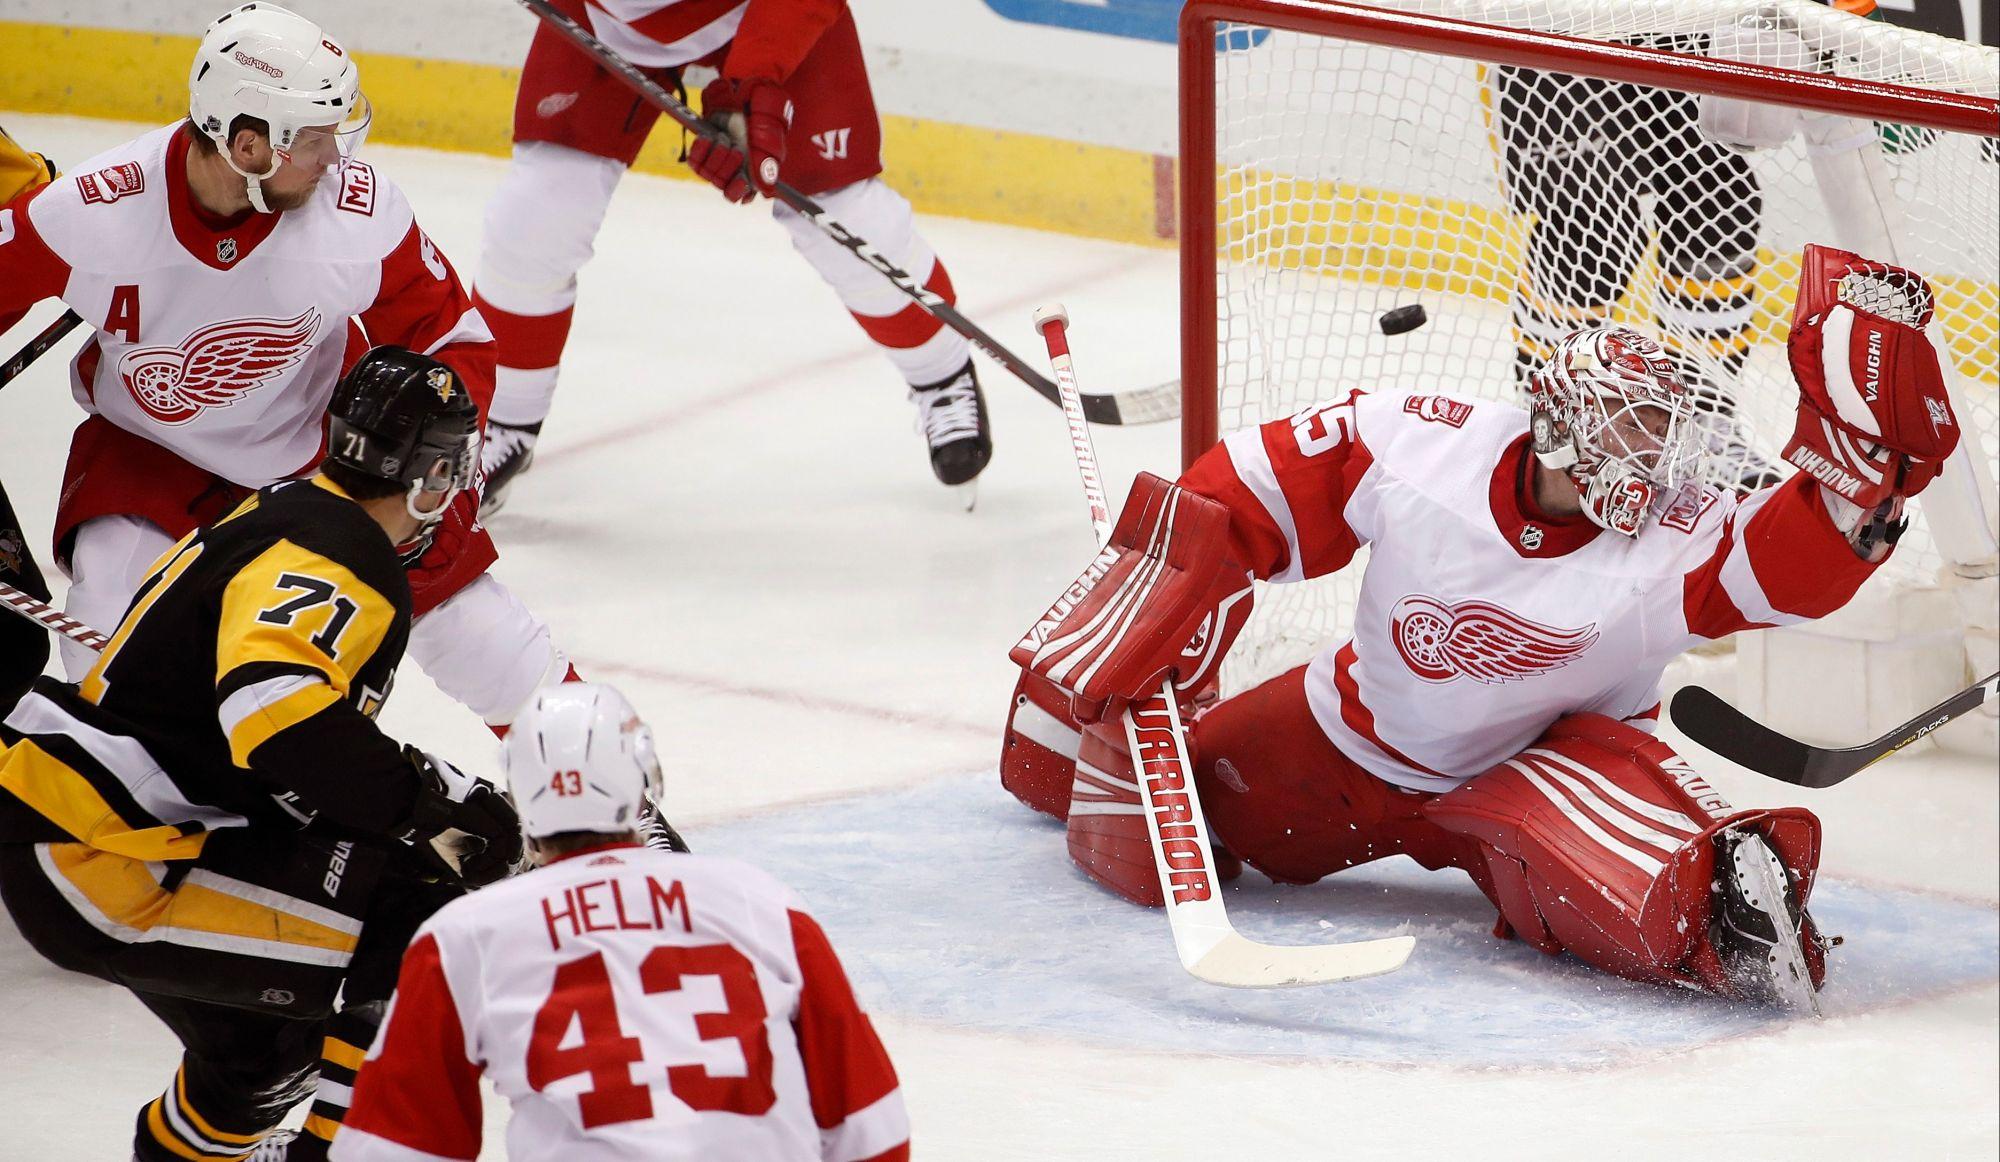 Deux buts de Malkin dans la victoire des Penguins face aux Red Wings (vidéos)